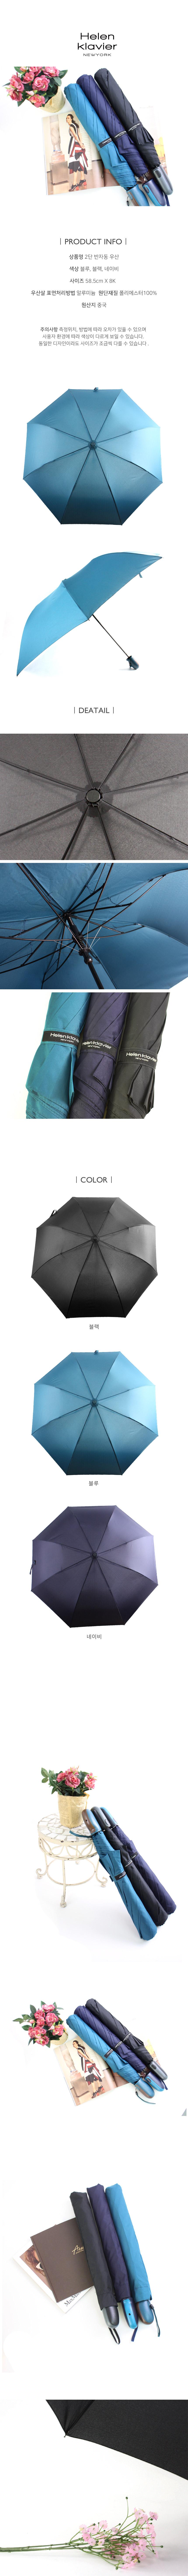 헬렌클라비어 HK 2단 반자동 우산 - 헬렌클라비어, 9,900원, 우산, 수동3단/5단우산